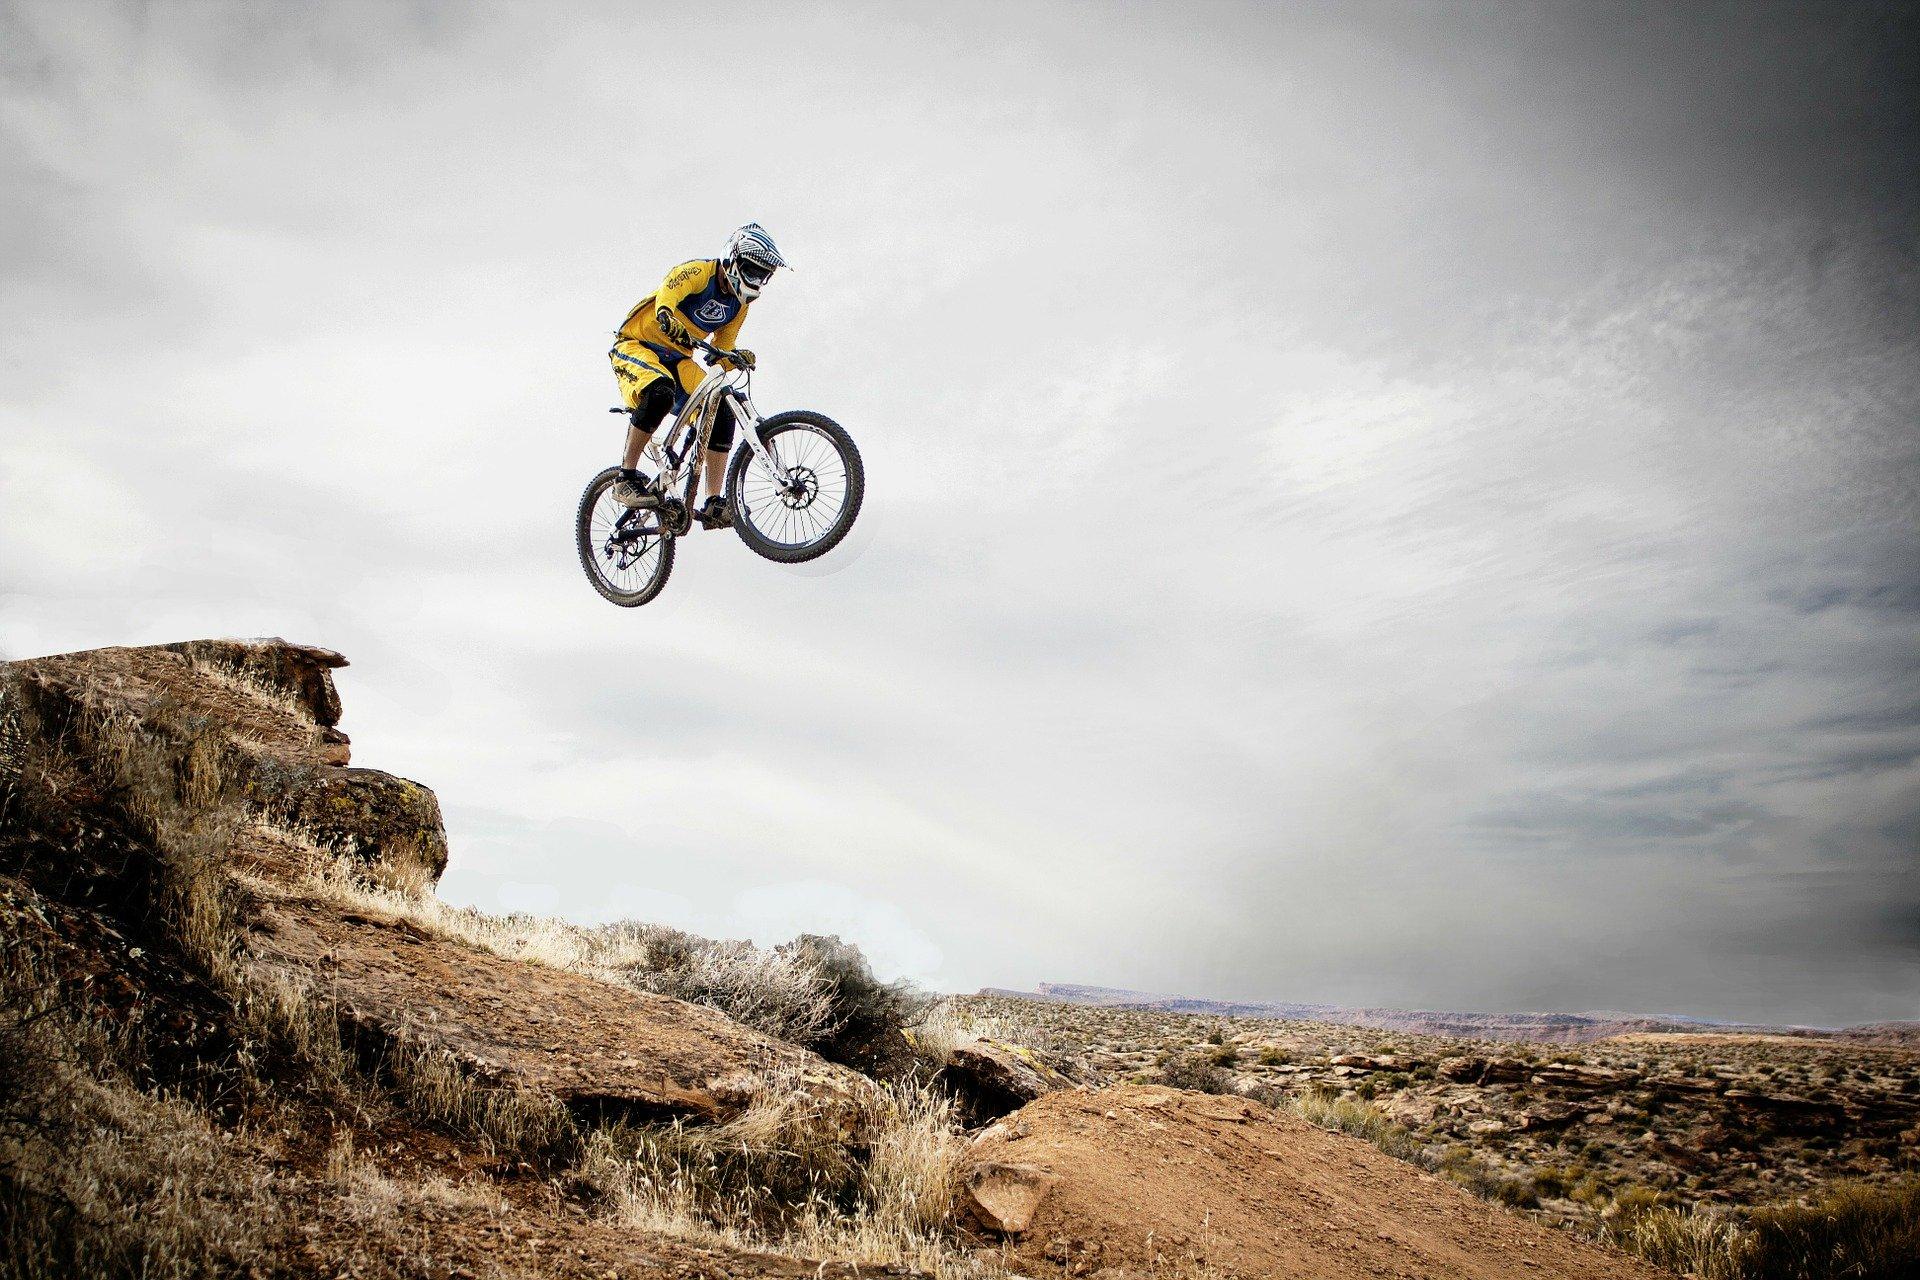 אחרי שהבנו את הרעיות הבסיסי של האופניים המיועדים לרכיבה על ההרים נוכל להתקדם ולבדוק מה ההבדל בין אופני הרים זנב קשיח לאופני שיכוך מלא.